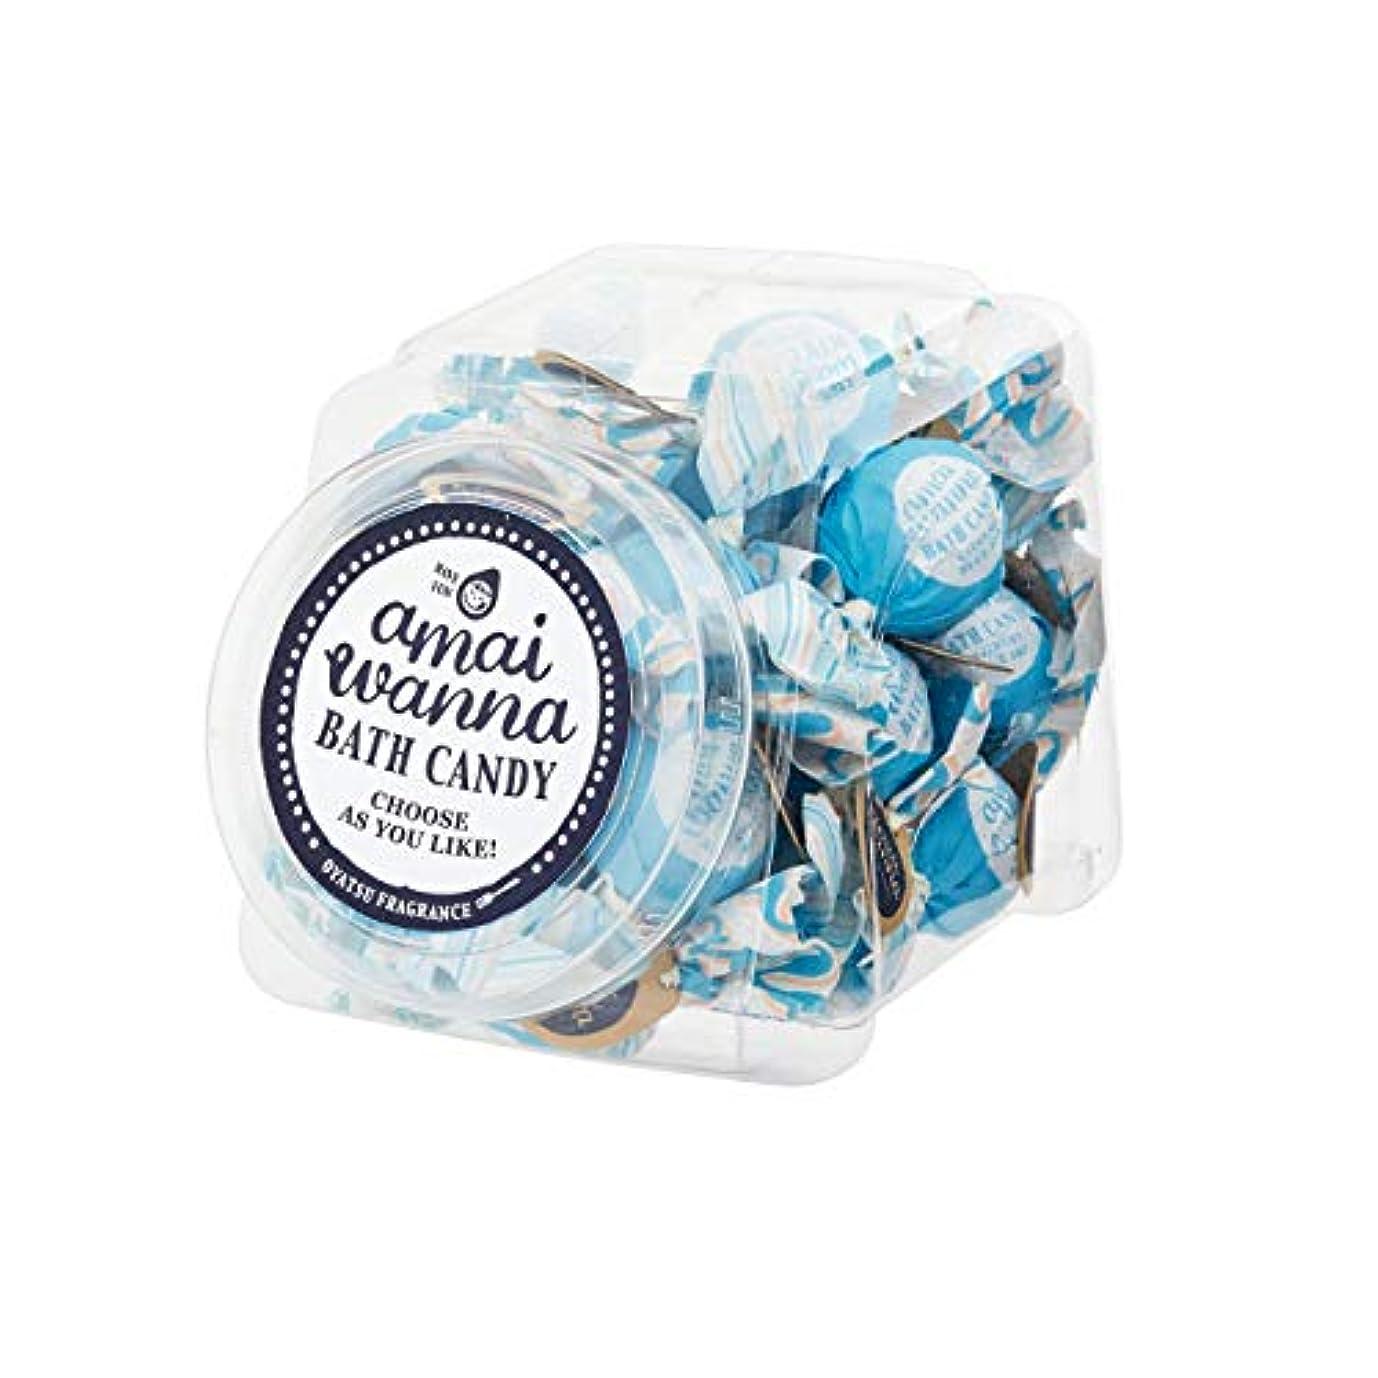 法律により瞳スラッシュアマイワナSP バスキャンディーポットセット24粒入り(青空シトラス バスギフト キャンディーの形の入浴料 大人可愛い)